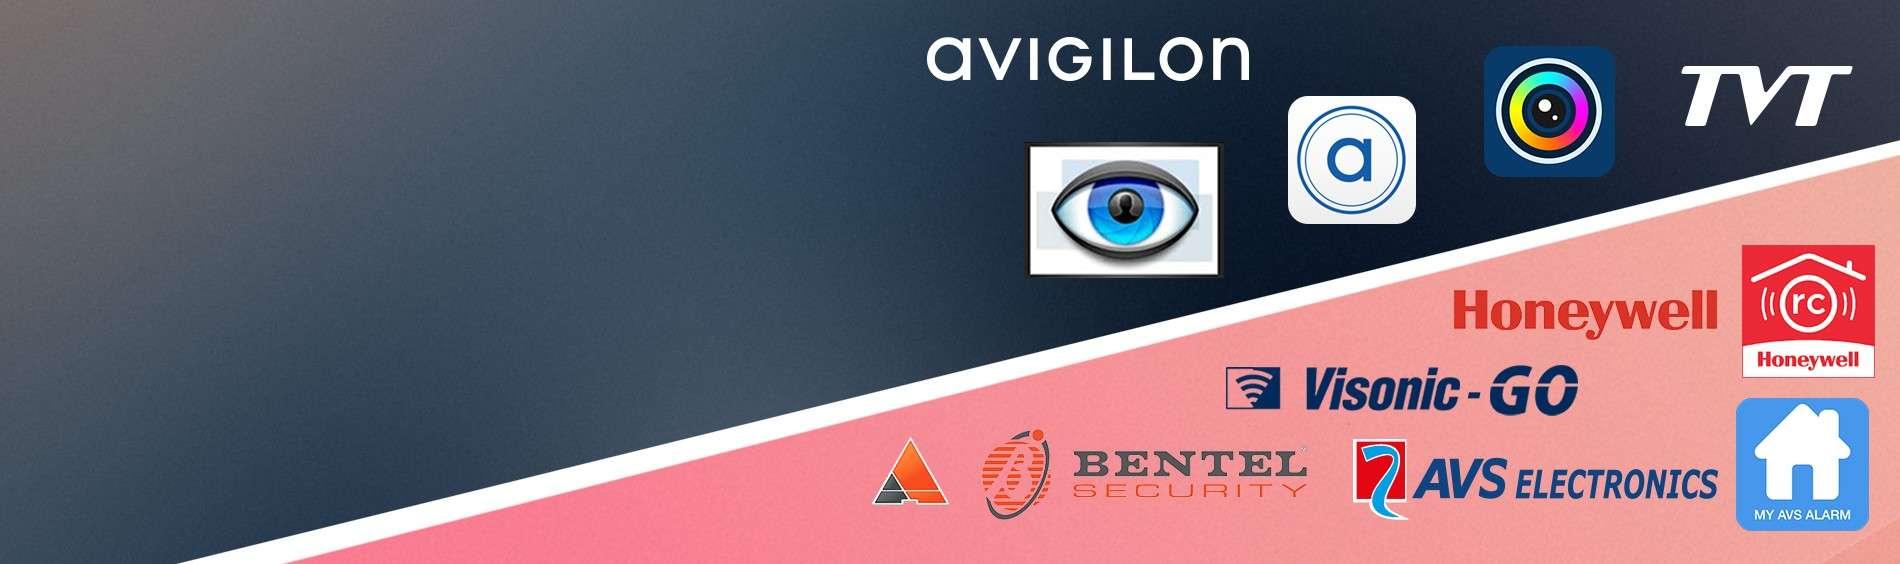 Verbindt U met onze inbraakcentrales en onze digitale opnametoestellen